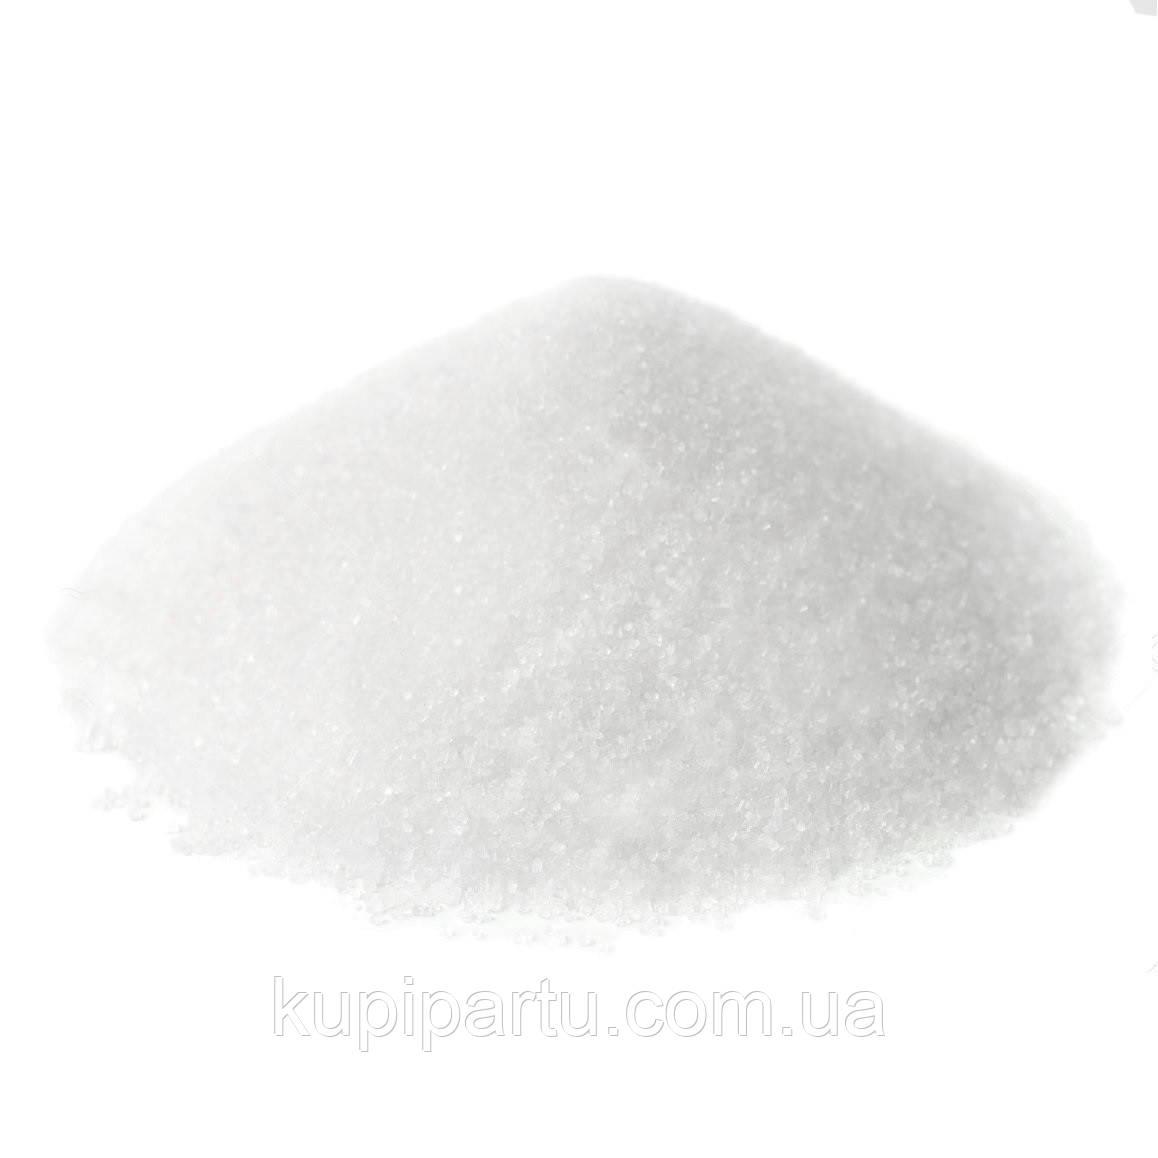 Быстрорастворимый шок хлор в гранулах Amik S.p.A, 1 кг, Италия HX-1000